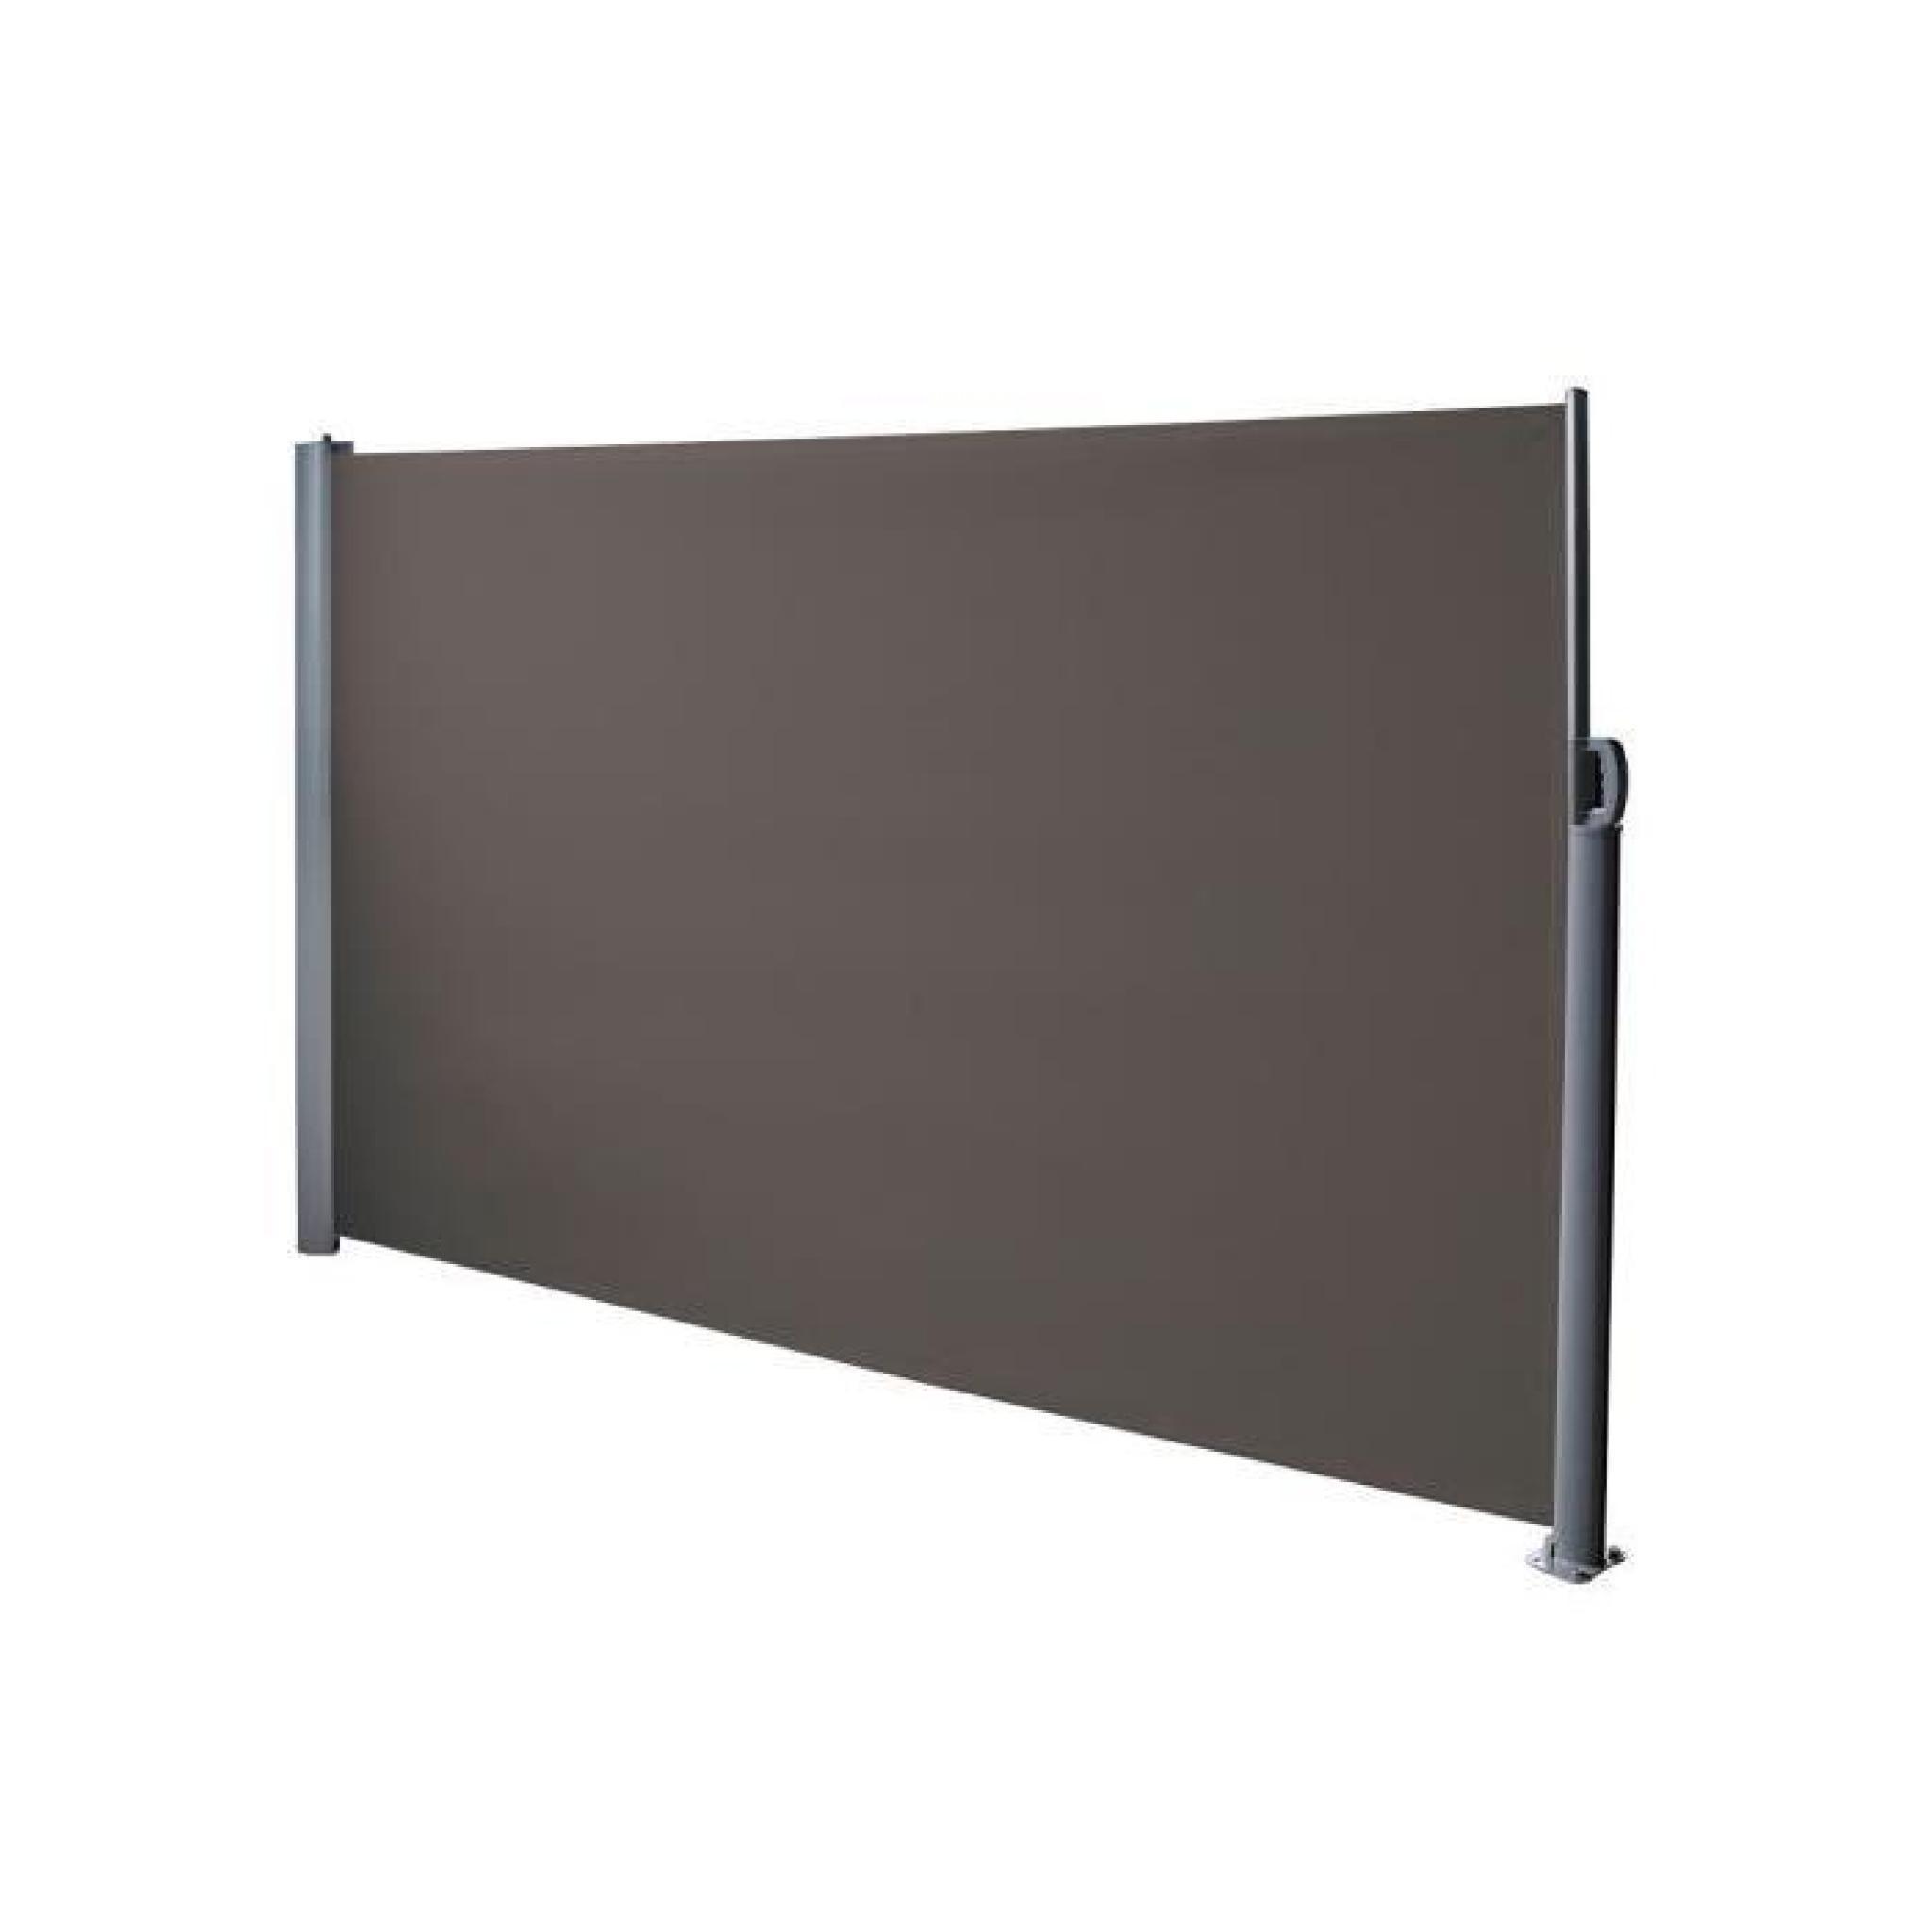 paravent retractable anthracite 3x1 8m achat vente paravent de jardin pas cher. Black Bedroom Furniture Sets. Home Design Ideas